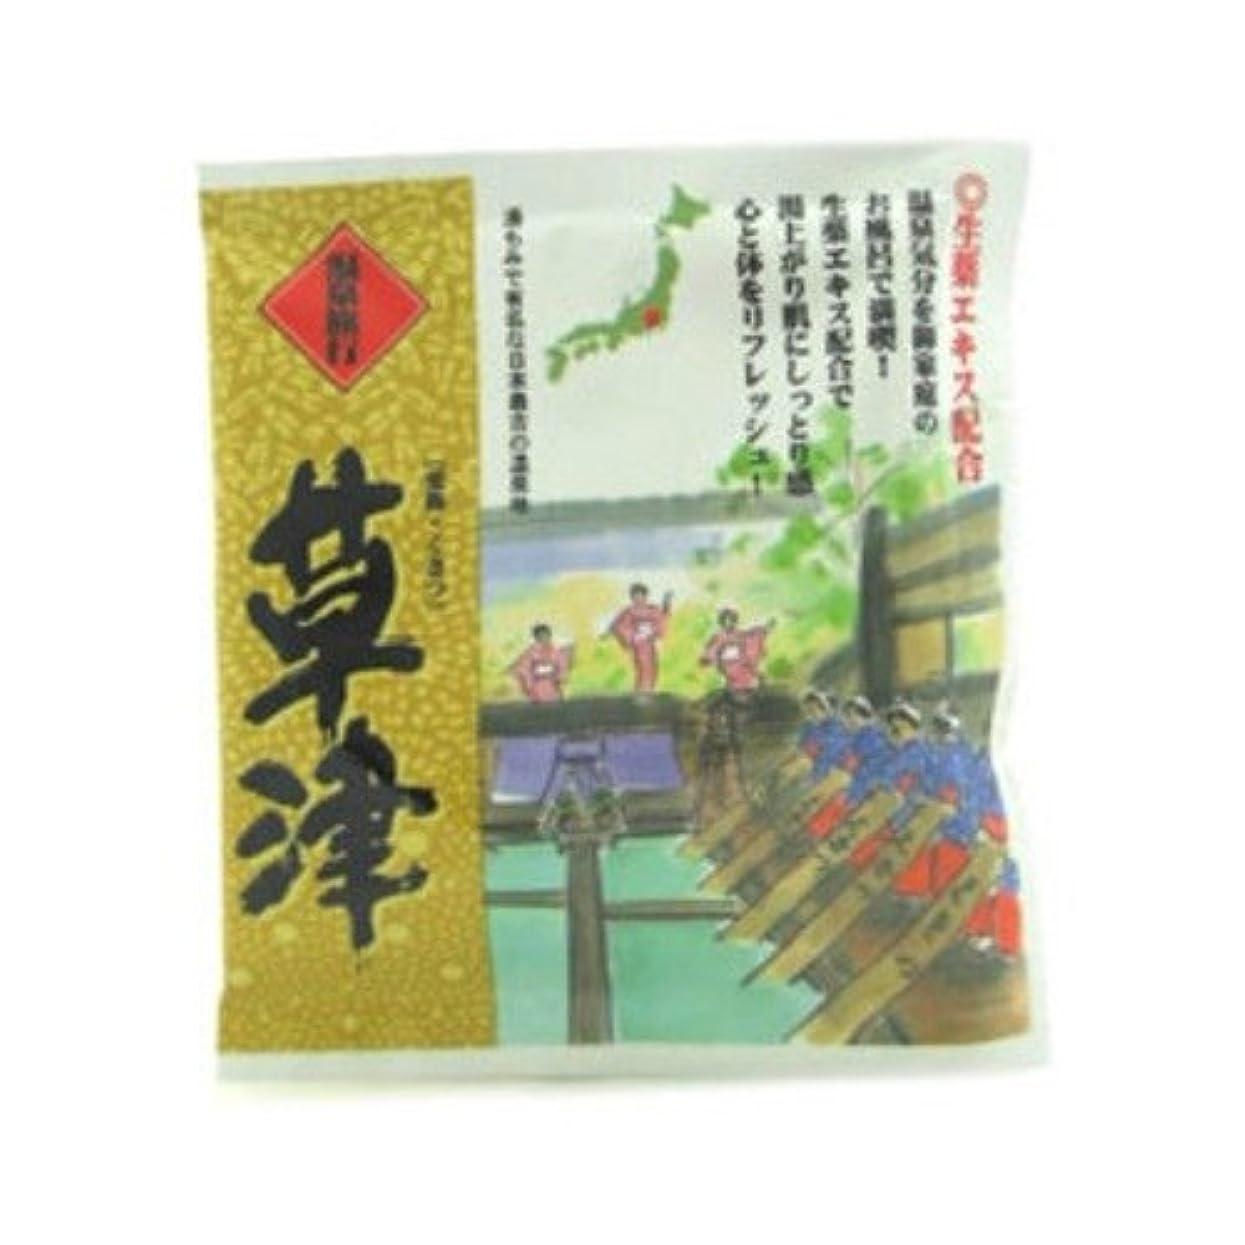 測るメディックメロドラマティック五洲薬品 温泉旅行 草津 25g 4987332128267